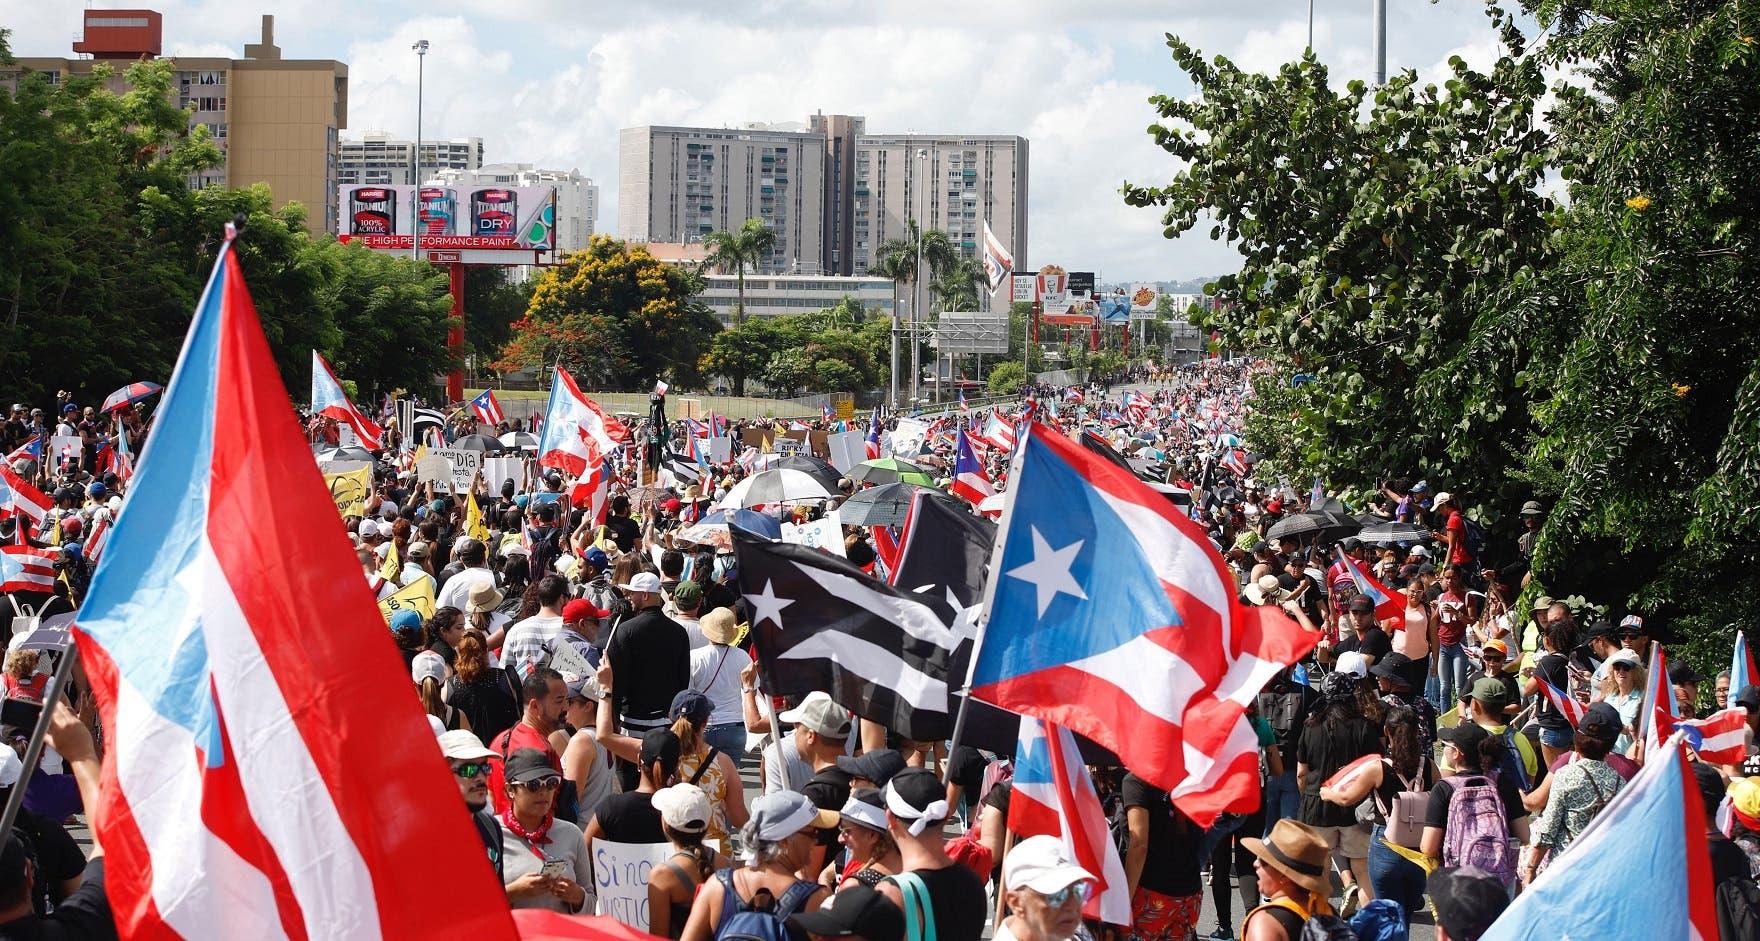 Miles de puertorriqueños iniciaron este lunes la segunda marcha masiva para pedir la dimisión del gobernador de Puerto Rico, Ricardo Rosselló. EFE/Thais LLorca